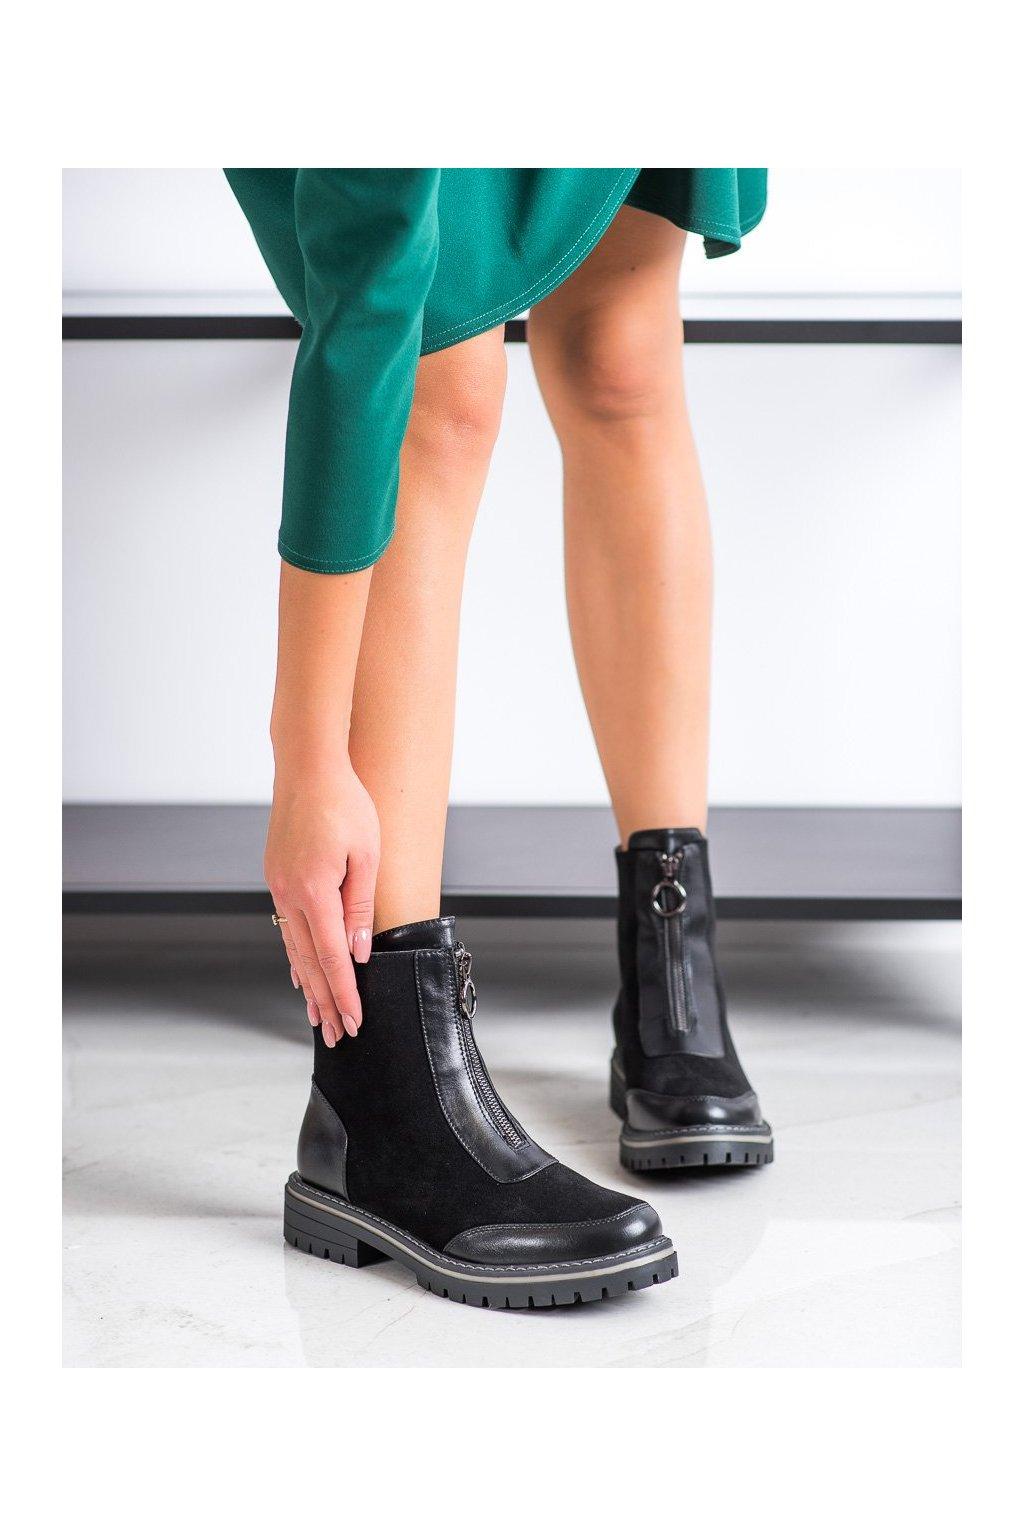 Čierne dámske topánky J. star NJSK 20Y8135B